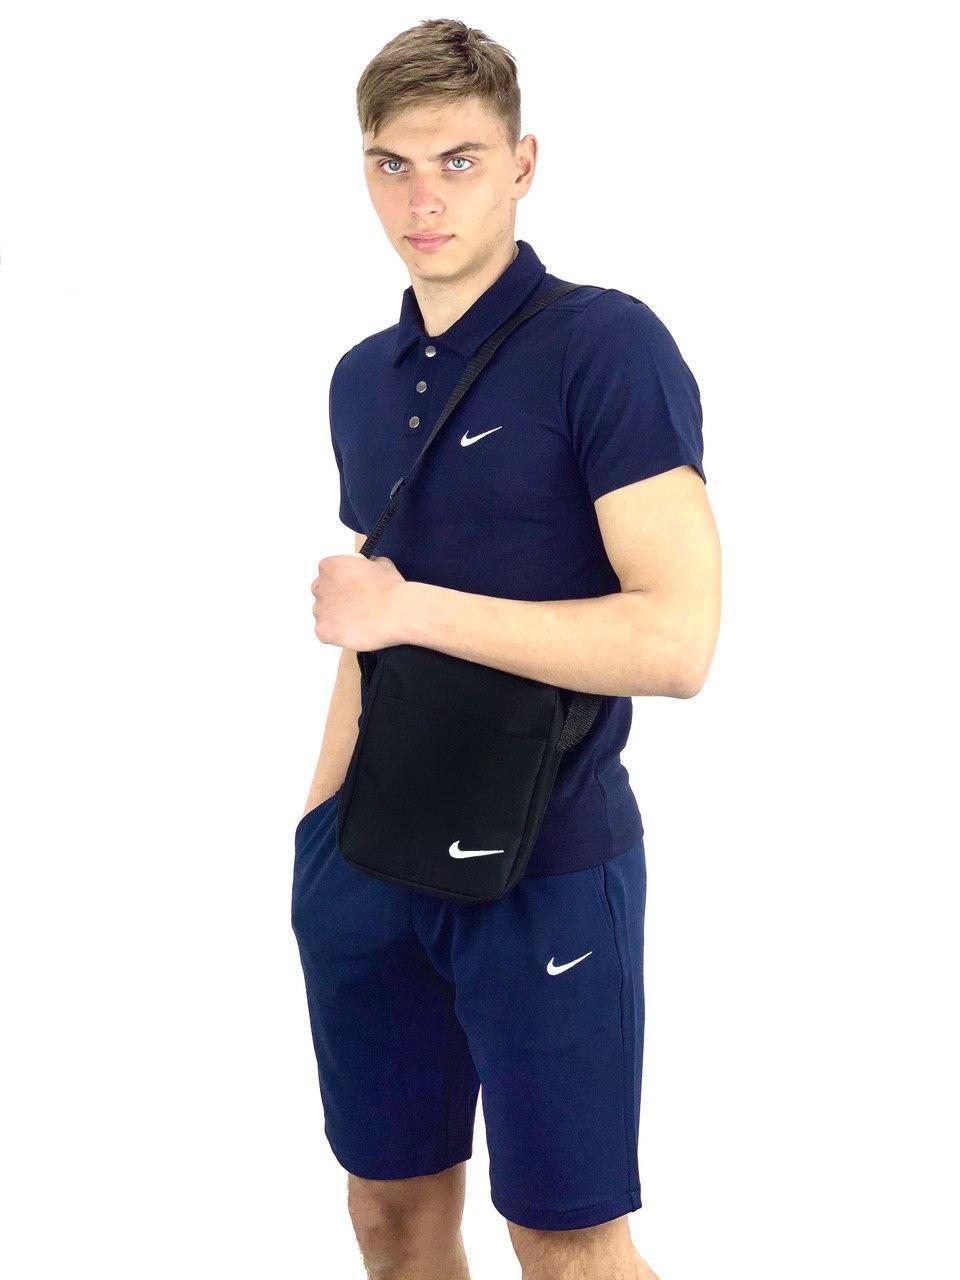 Футболка Поло синє + Шорти + Барсетка в стилі Nike (Найк) Костюм літній